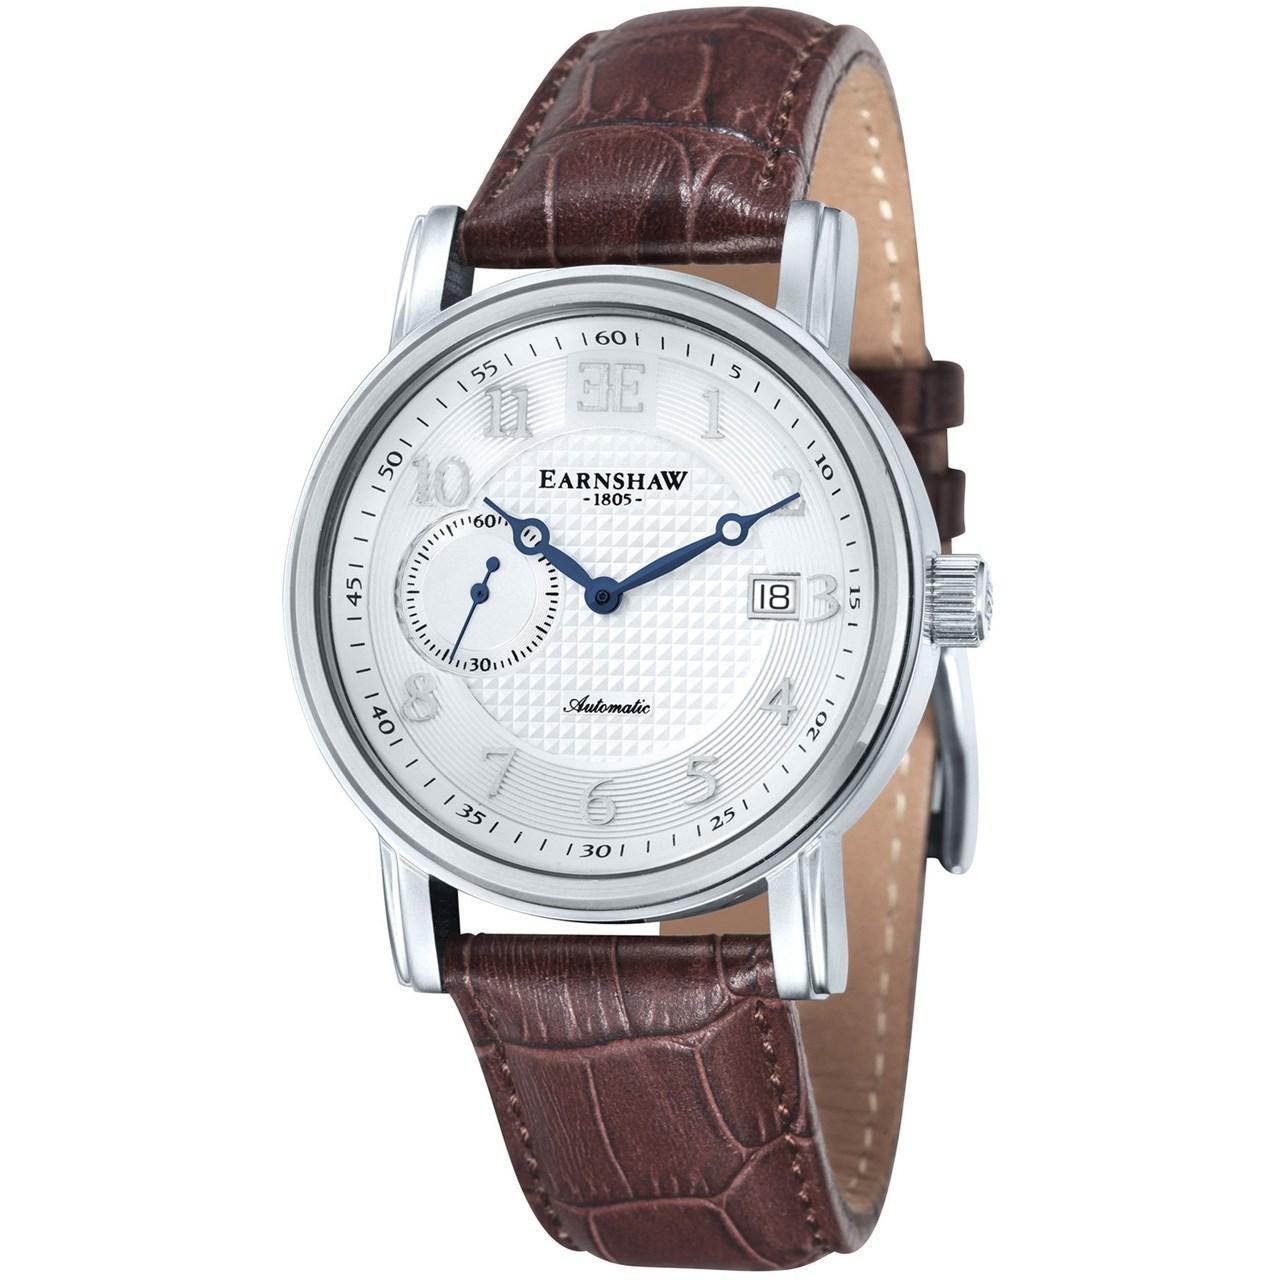 ساعت مچی عقربه ای مردانه ارنشا مدل ES-8027-02 25